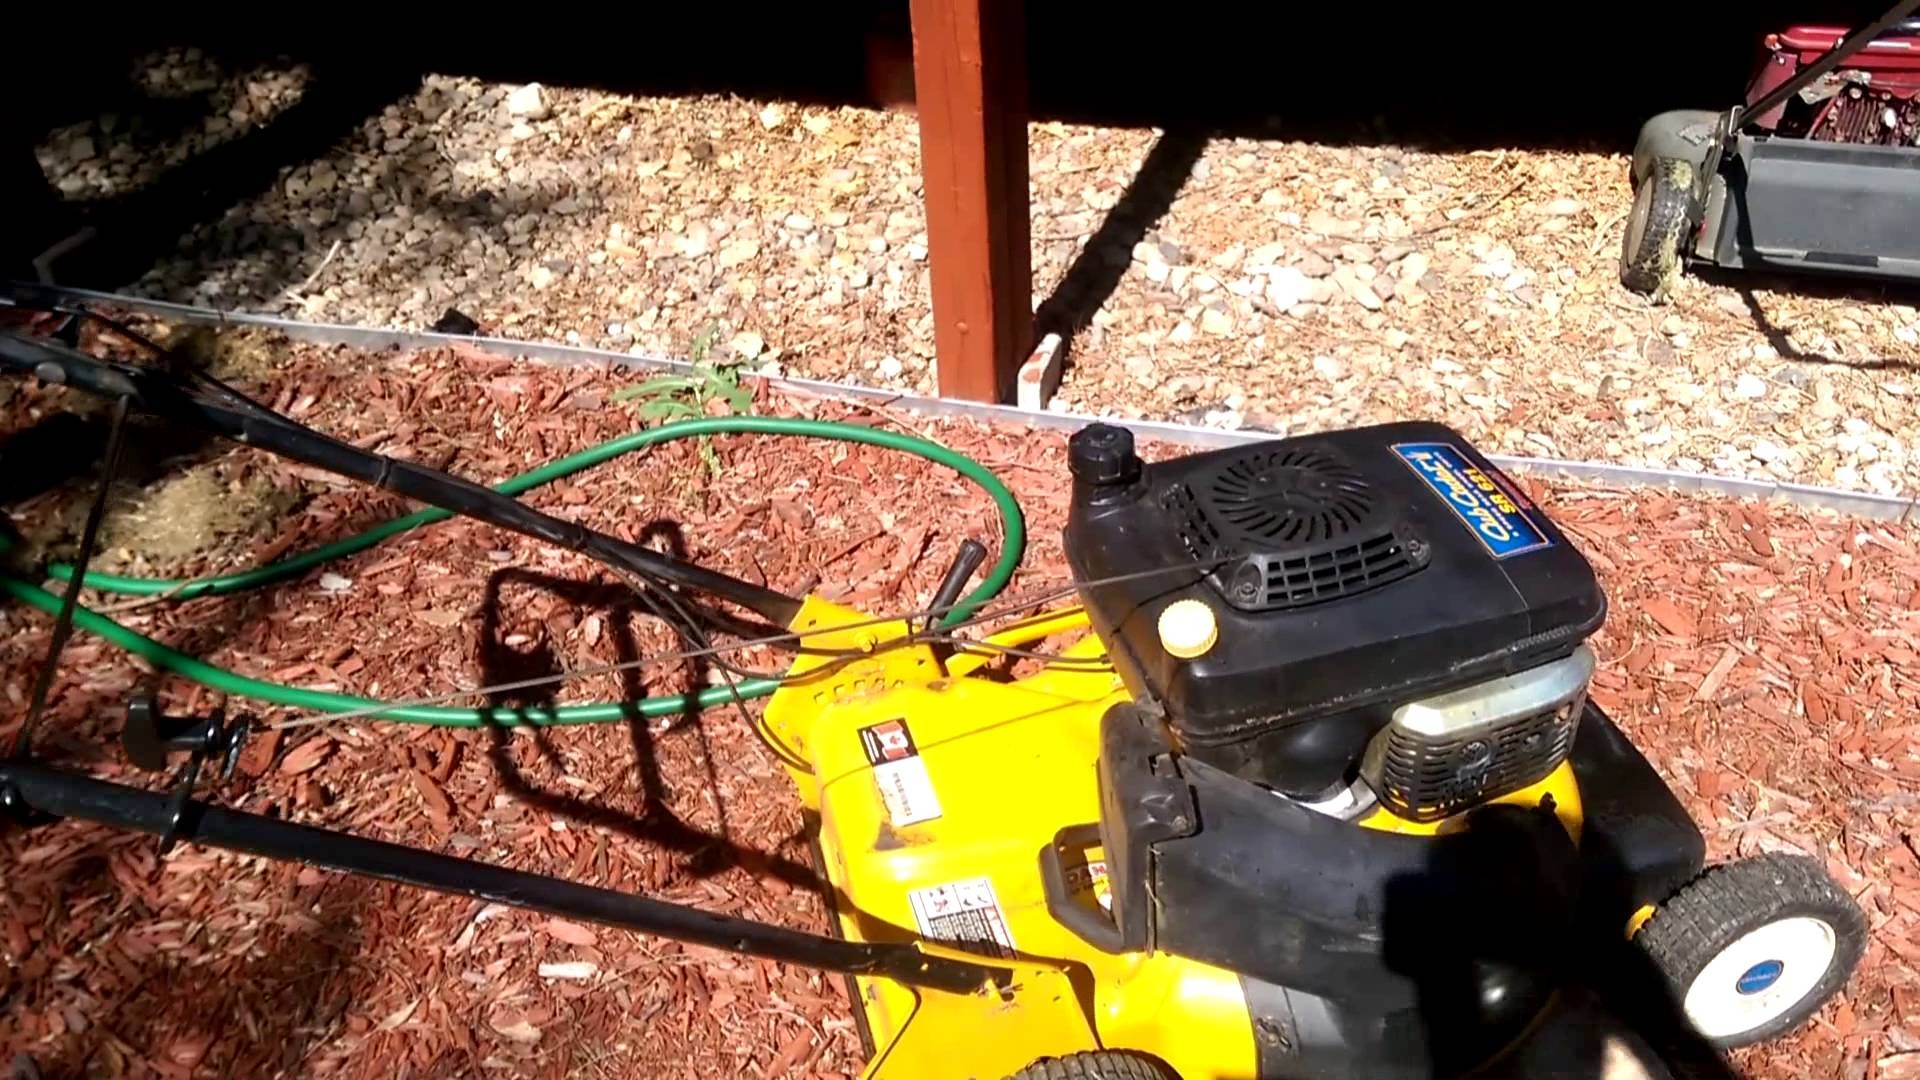 Cub Cadet Src 621 Parts Diagram Mower Fix Cub Cadet Sr621 Of Cub Cadet Src 621 Parts Diagram